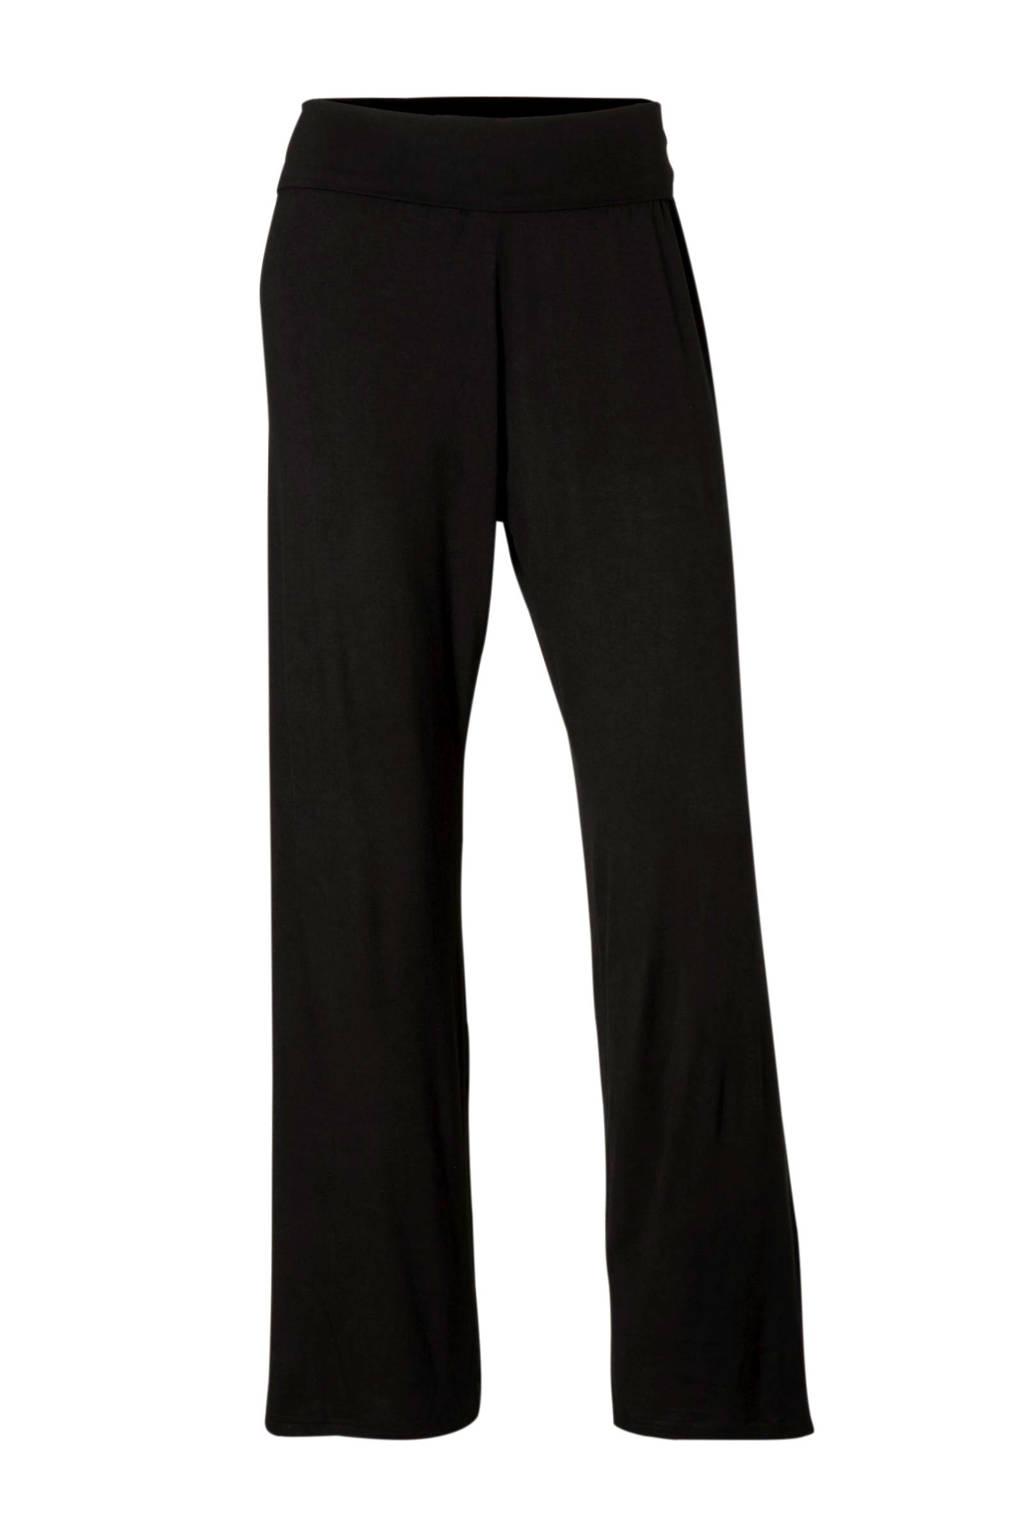 Sassa Mode pyjamabroek met omslag zwart, Zwart